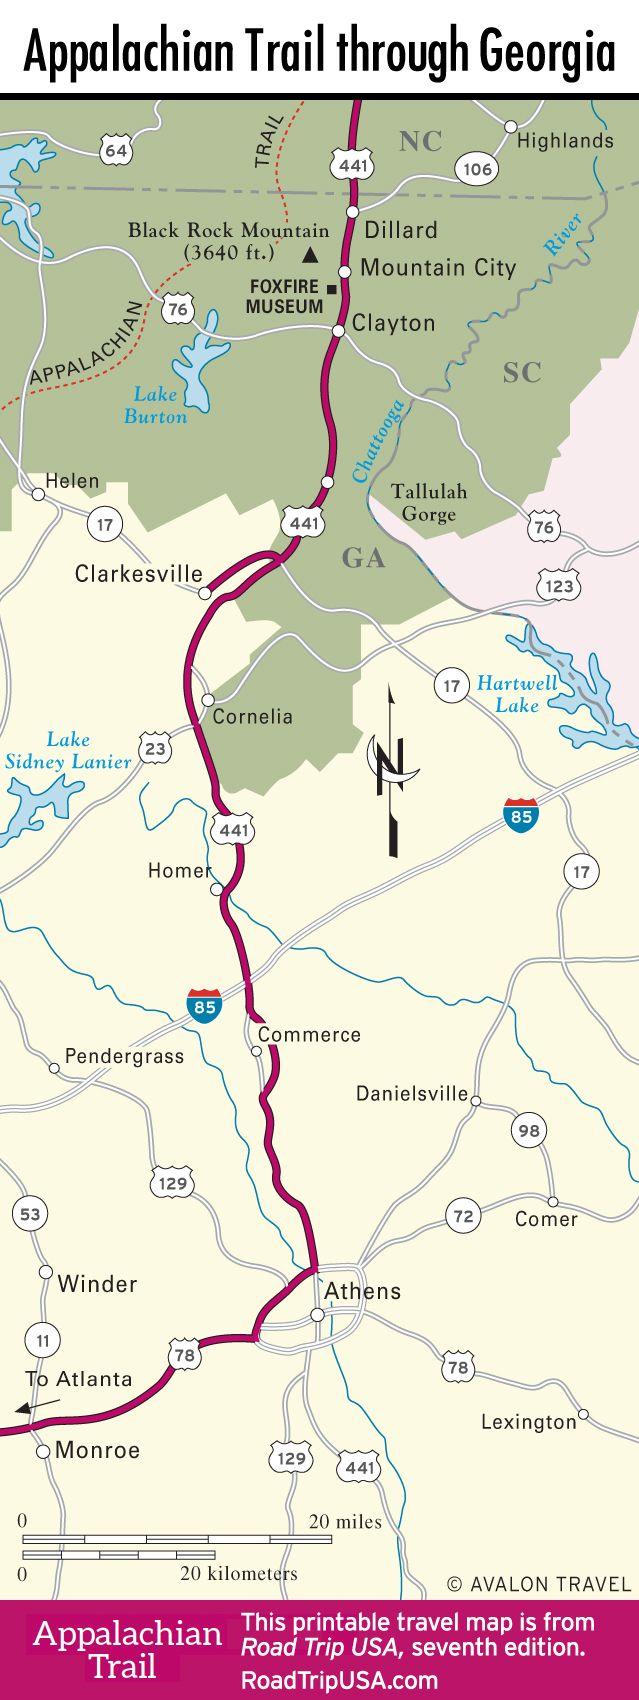 Map of Appalachian Trail through Georgia.